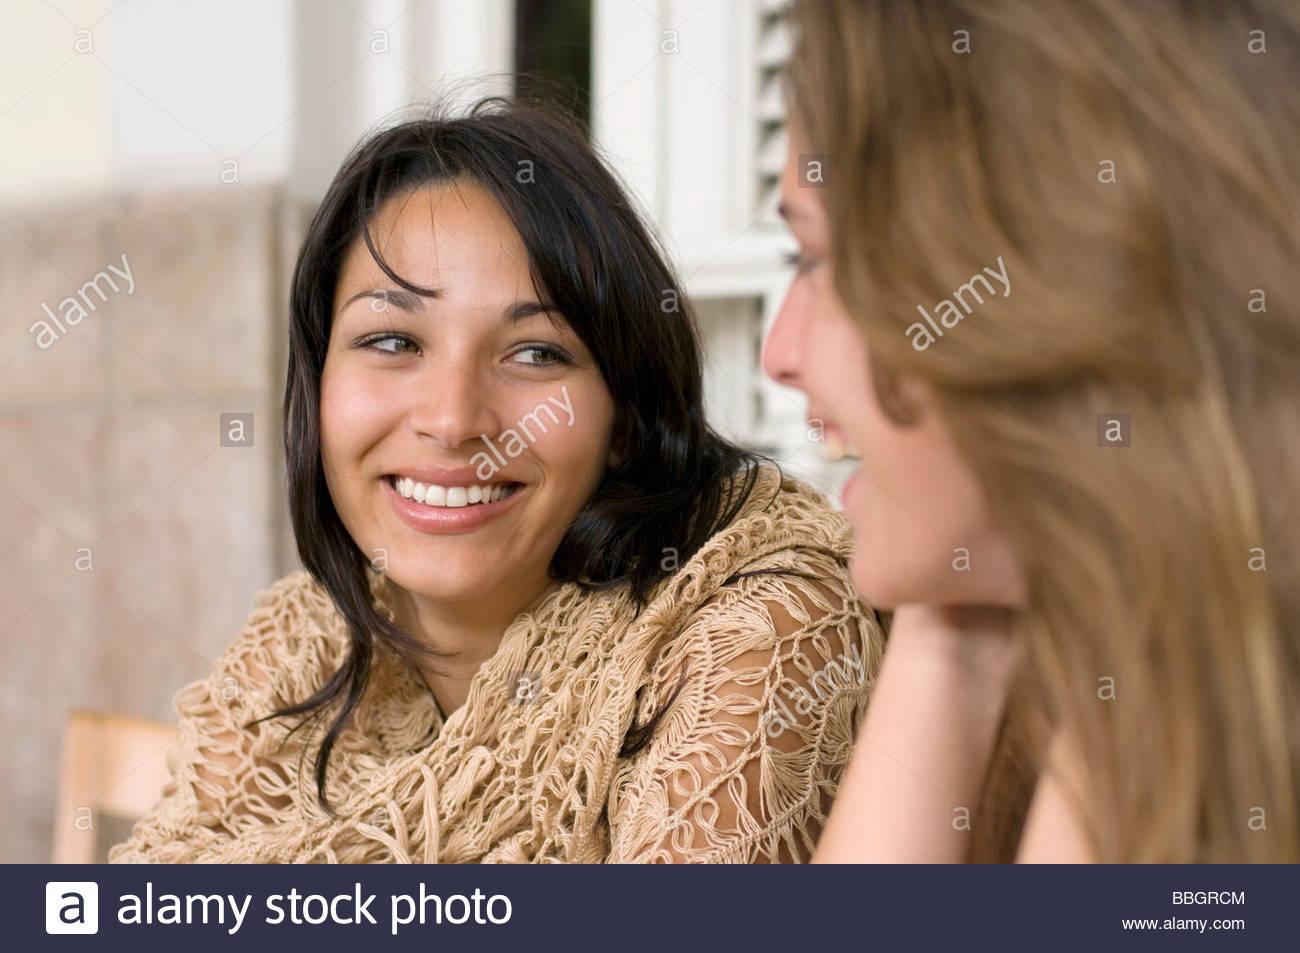 Deux jeunes femmes restaurant, souriant, La Havane, Cuba Photo Stock